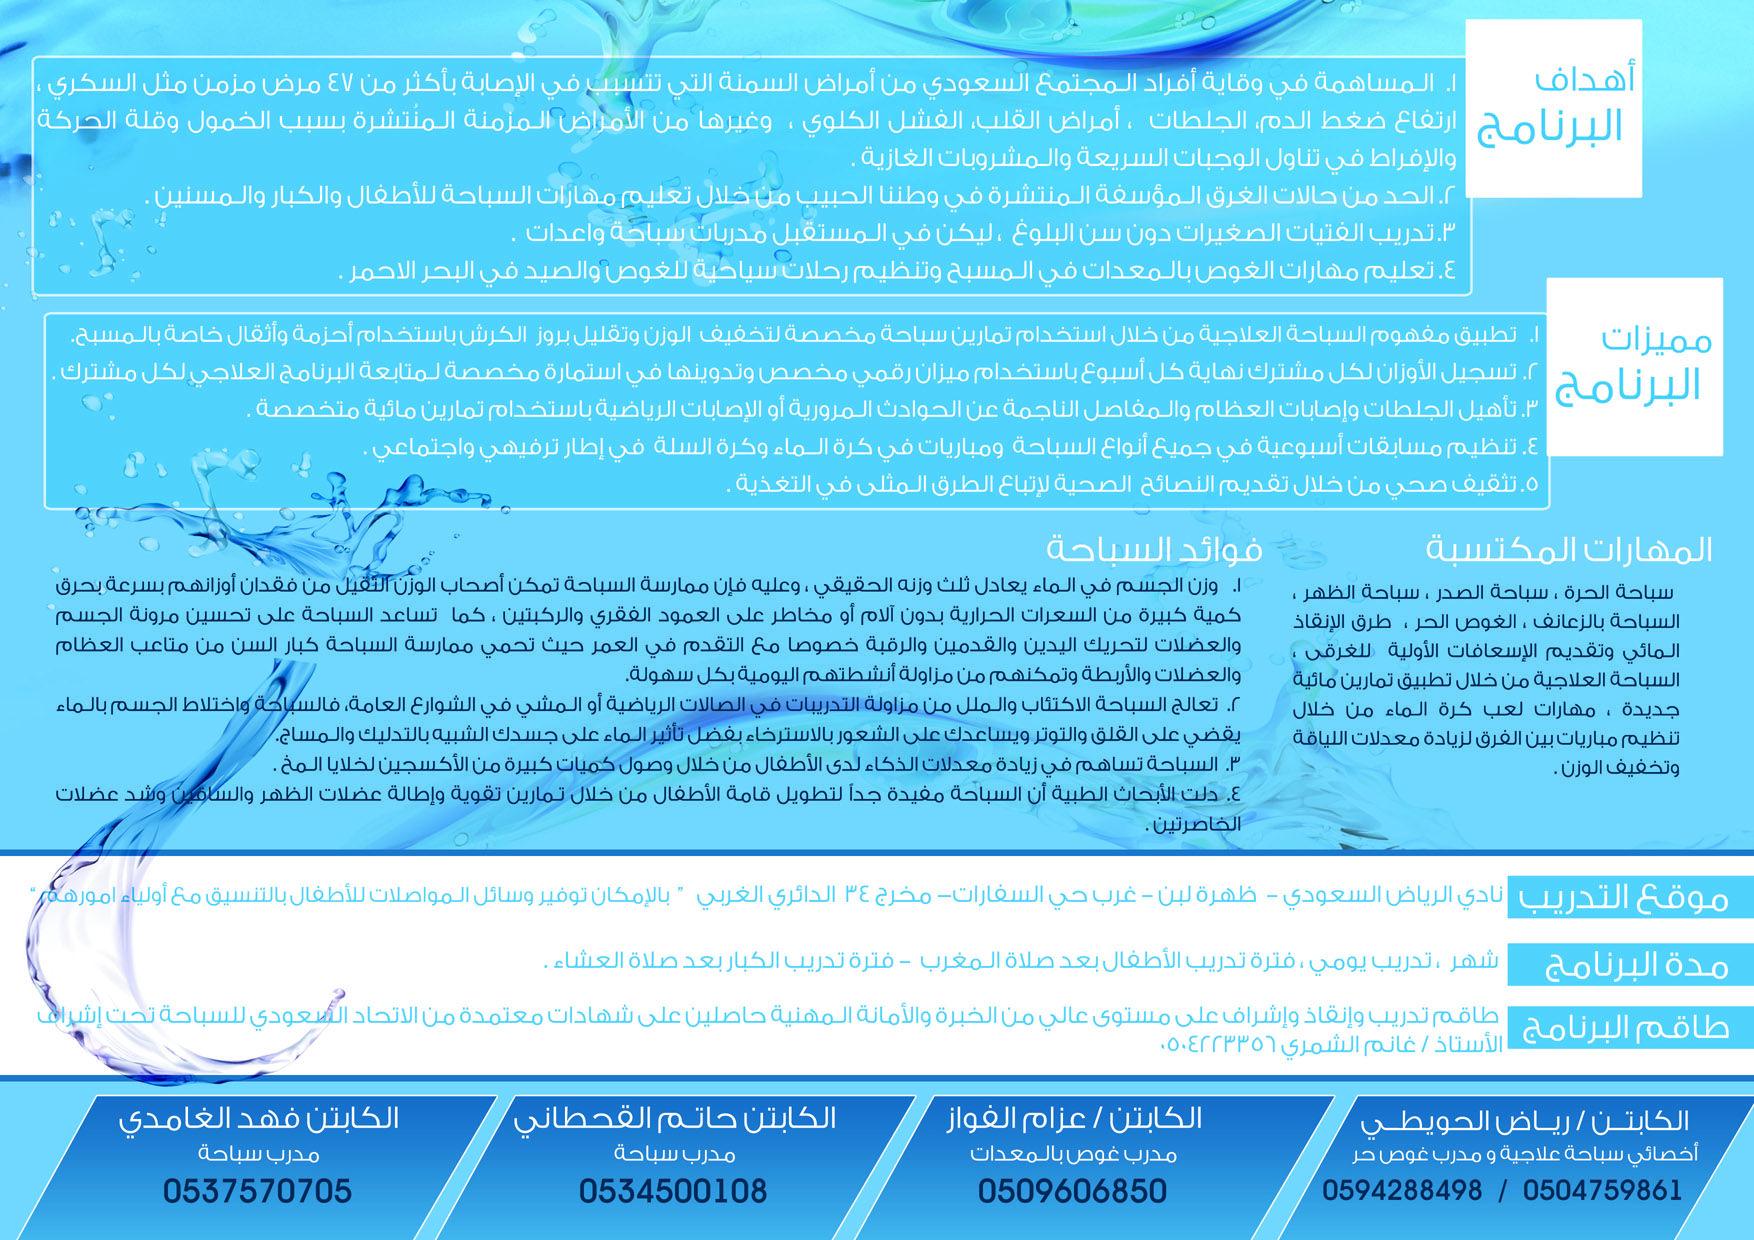 بشرى سارة للباحثين عن الصحة والرشاقة يعلن نادي الرياض السعودي عن تدشين مشروع تعليم السباحة والغوص يهدف الى مـحو أمية السباحة لدى الاطفال والكبار بـمدينة الرياض